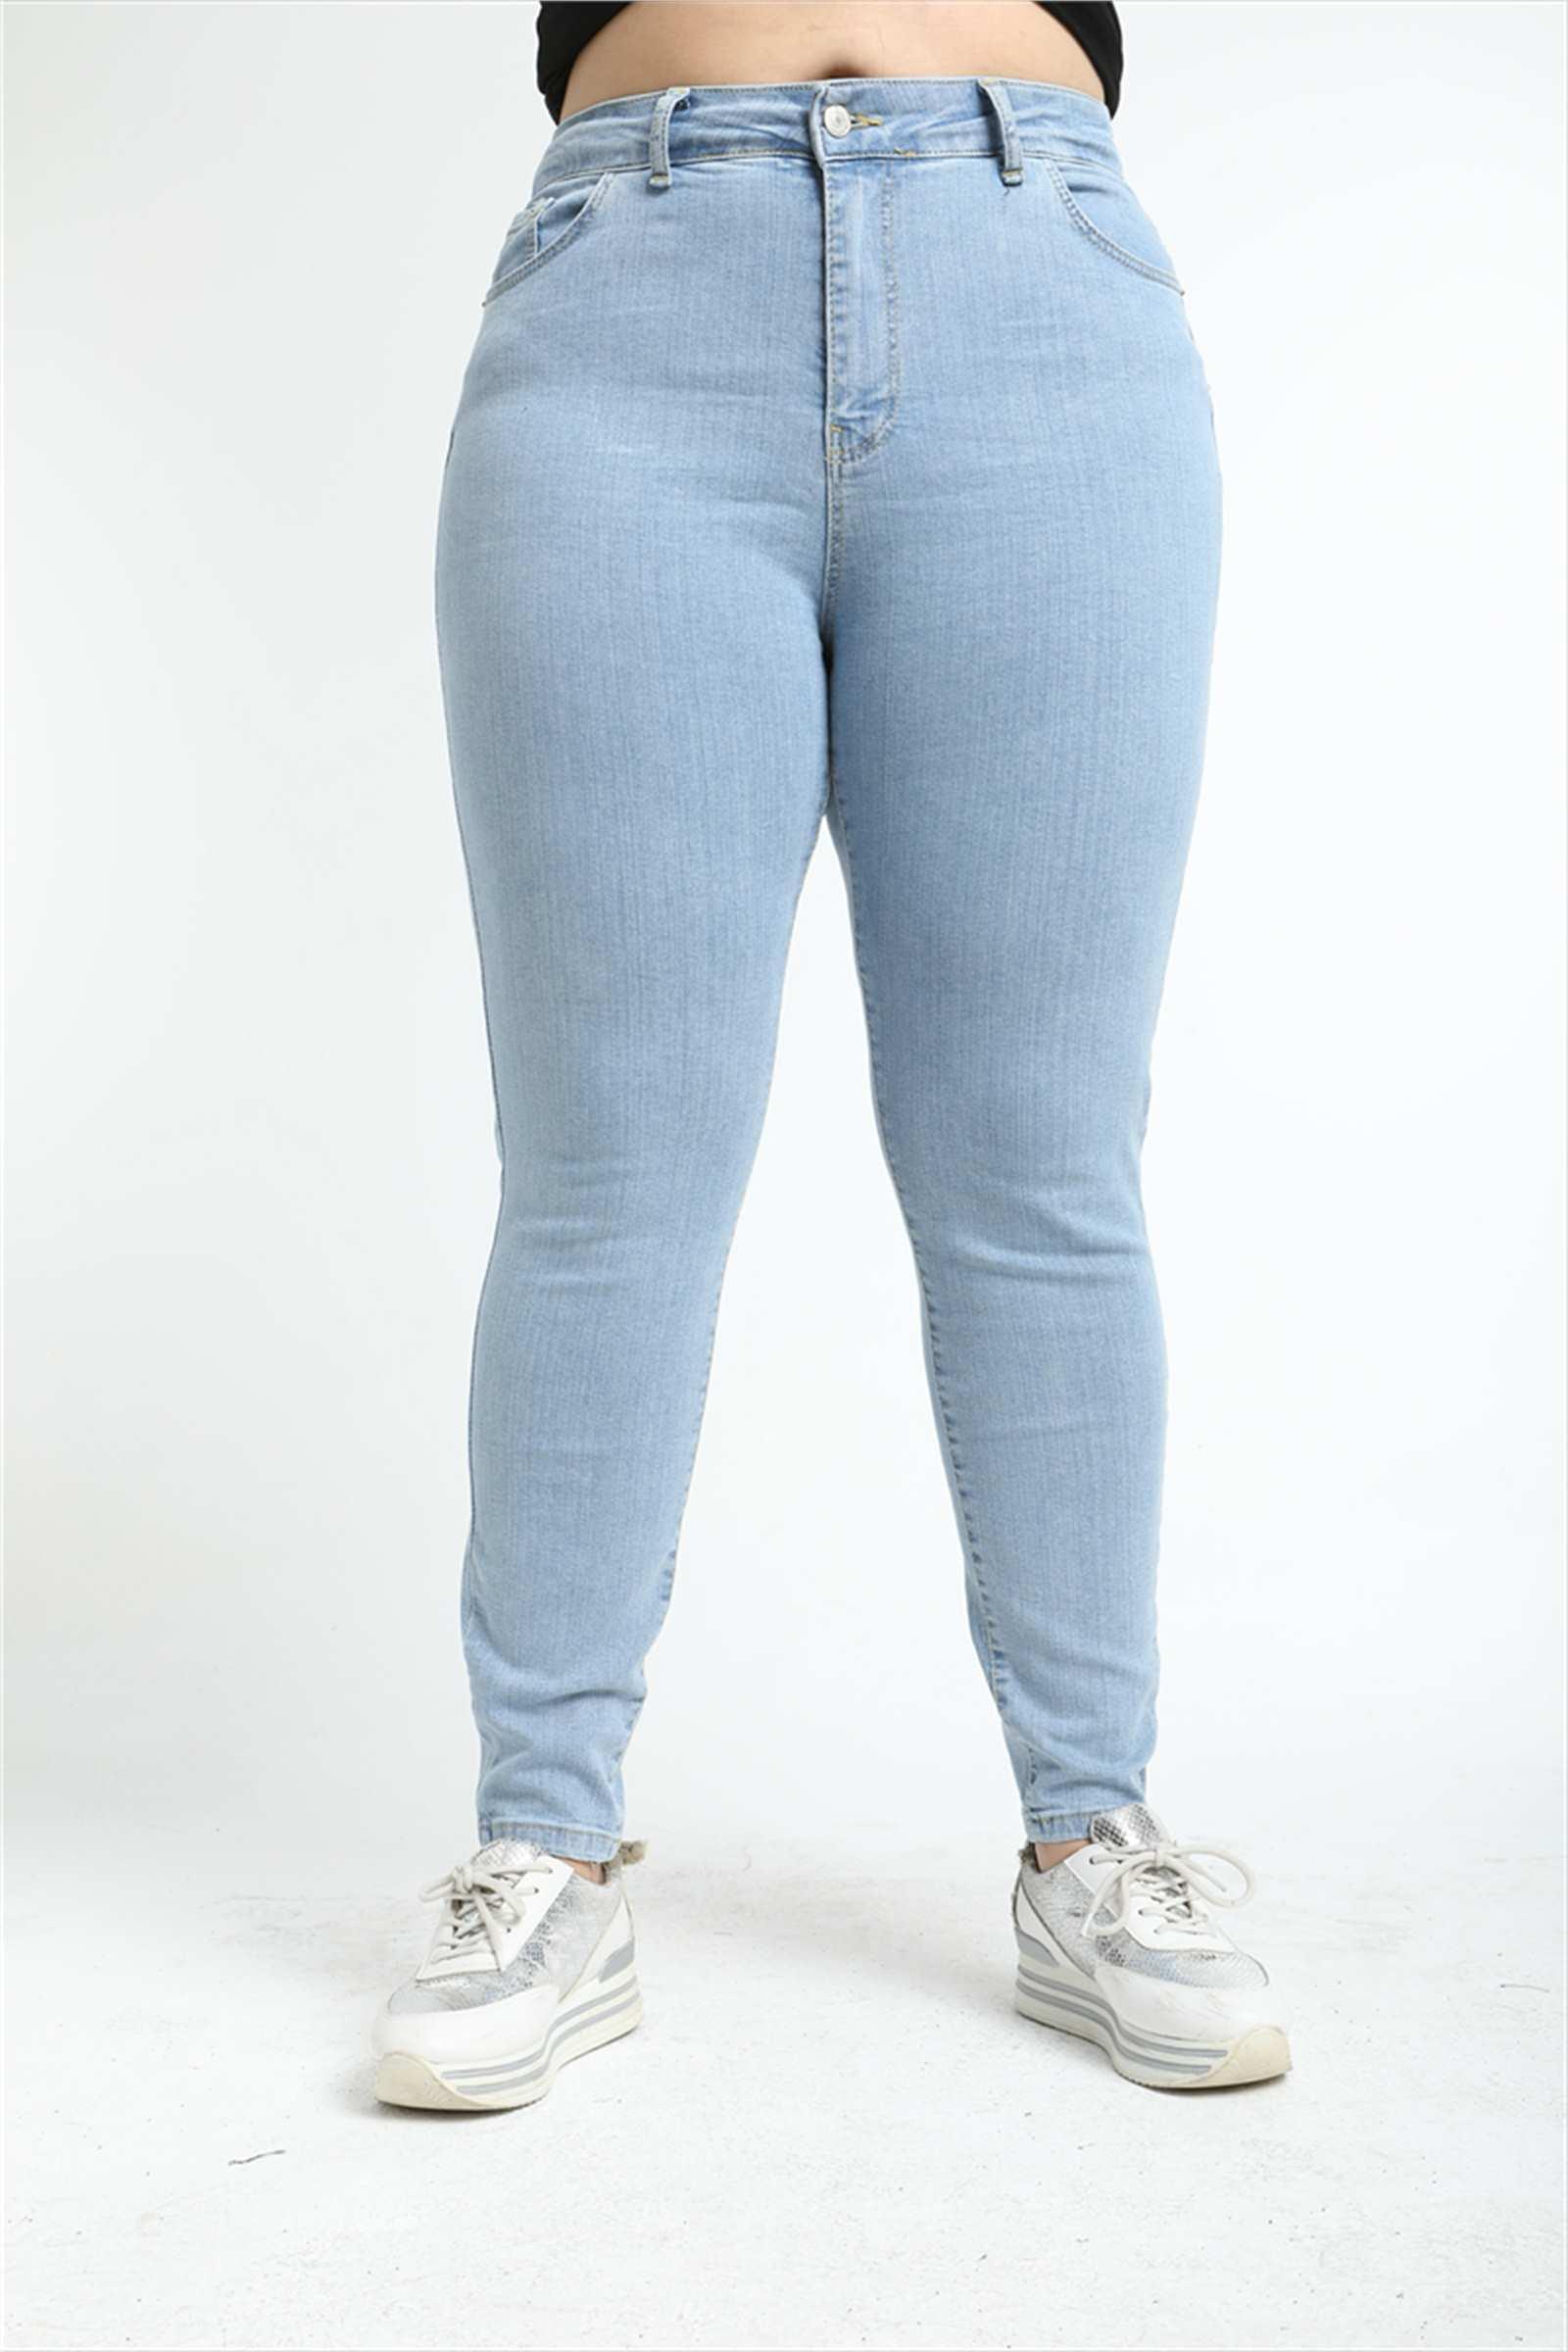 Женские узкие джинсы с завышенной талией Diaves, модные летние голубые и белые джинсы в турецком стиле